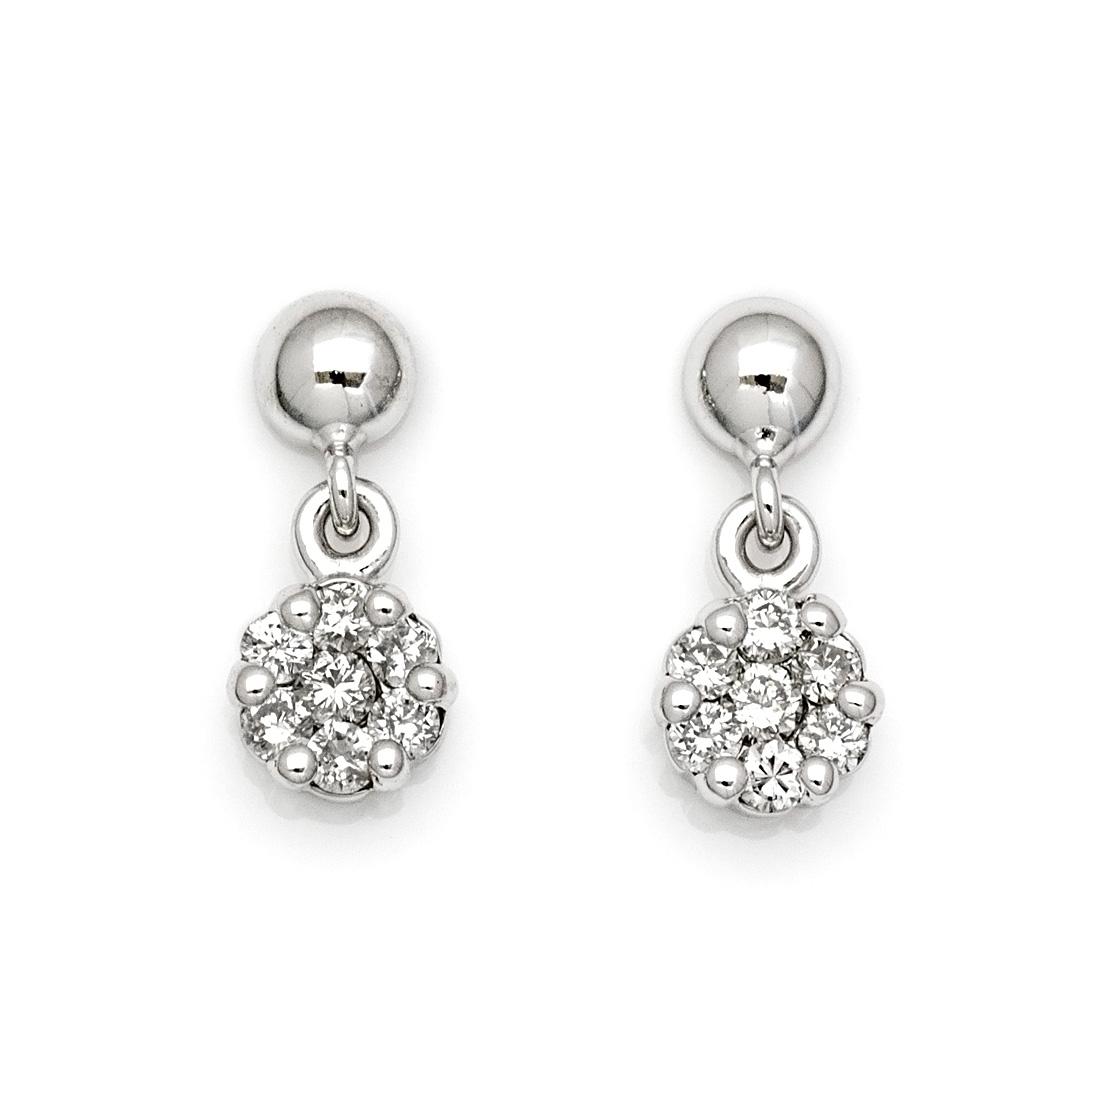 K18 ダイヤモンド 0.10ct スウィング スタッドピアス イヤリング 18K 18金 ゴールド ダブルロック ダイアモンド 誕生日 4月誕生石 記念日 メッセージ ギフト 贈り物